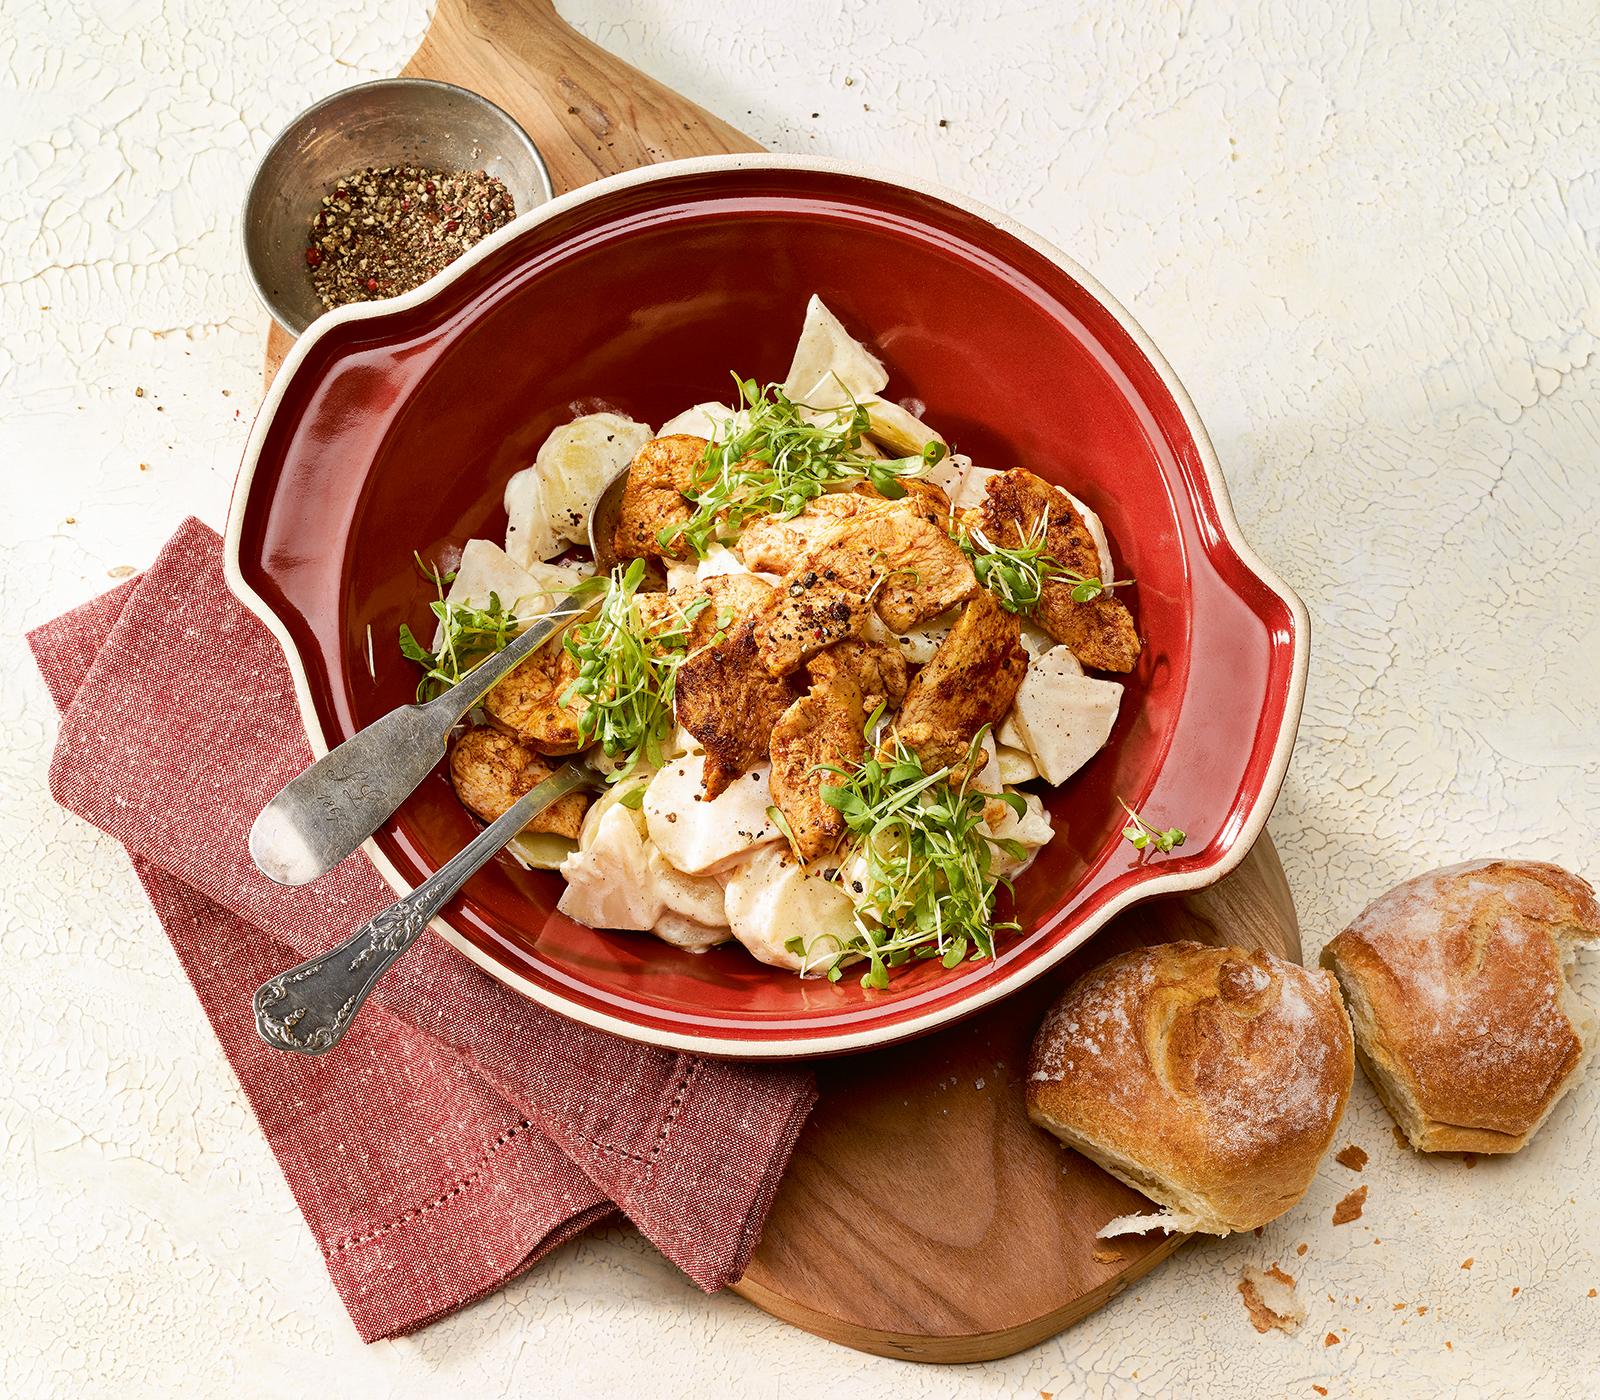 Kartoffel sellerie salat mit senf annemarie wildeisen 39 s for Kochen 4 personen